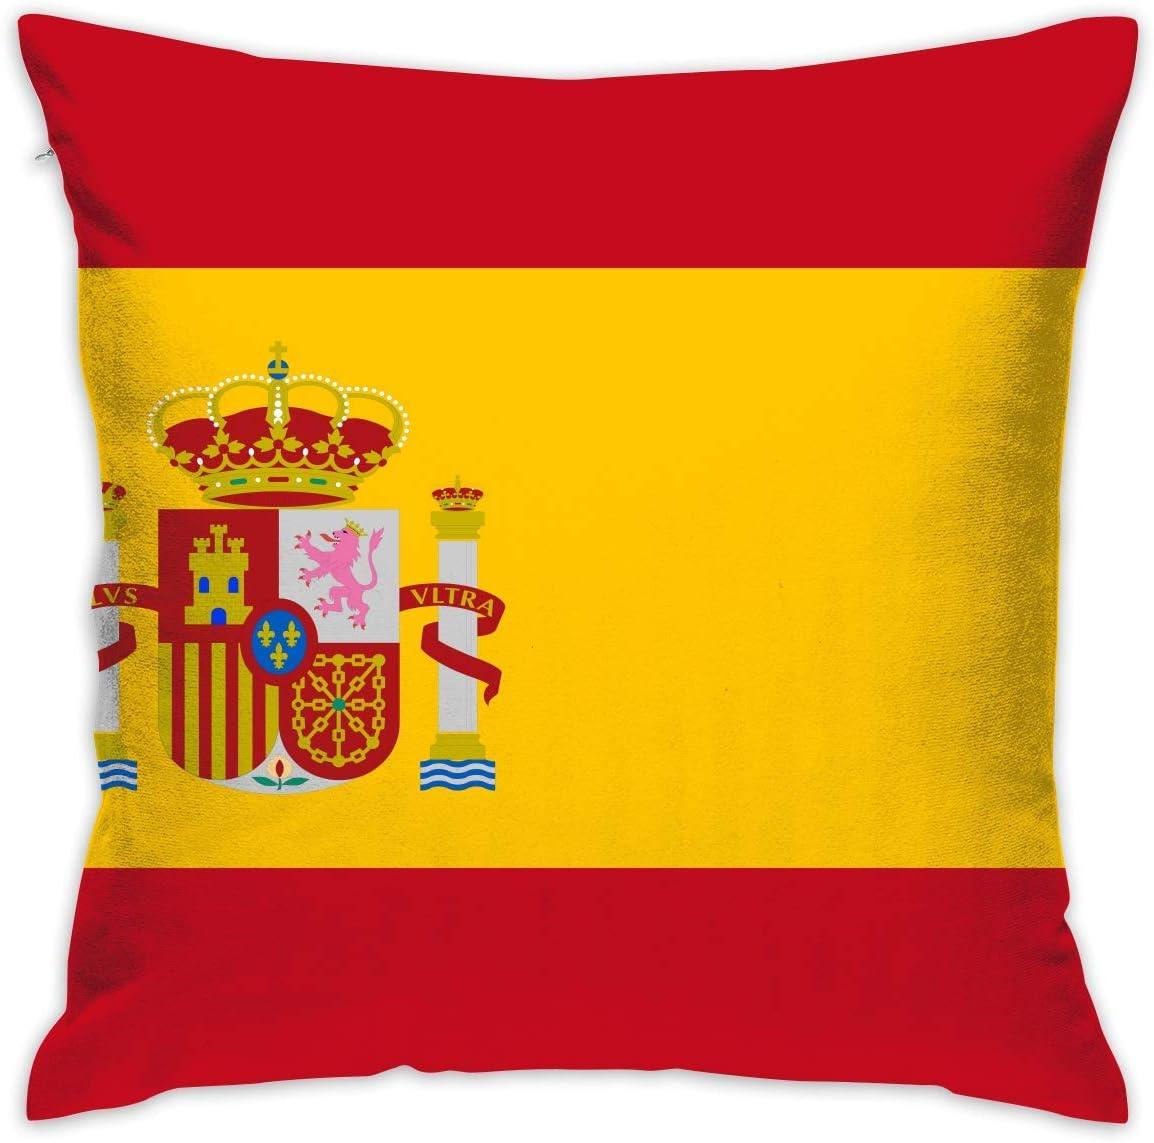 EU Funda de Almohada Decorativa Fundas de cojín de Bandera de España Fundas de Almohada para sofá Dormitorio Silla de Coche 18 x 18 Pulgadas: Amazon.es: Hogar